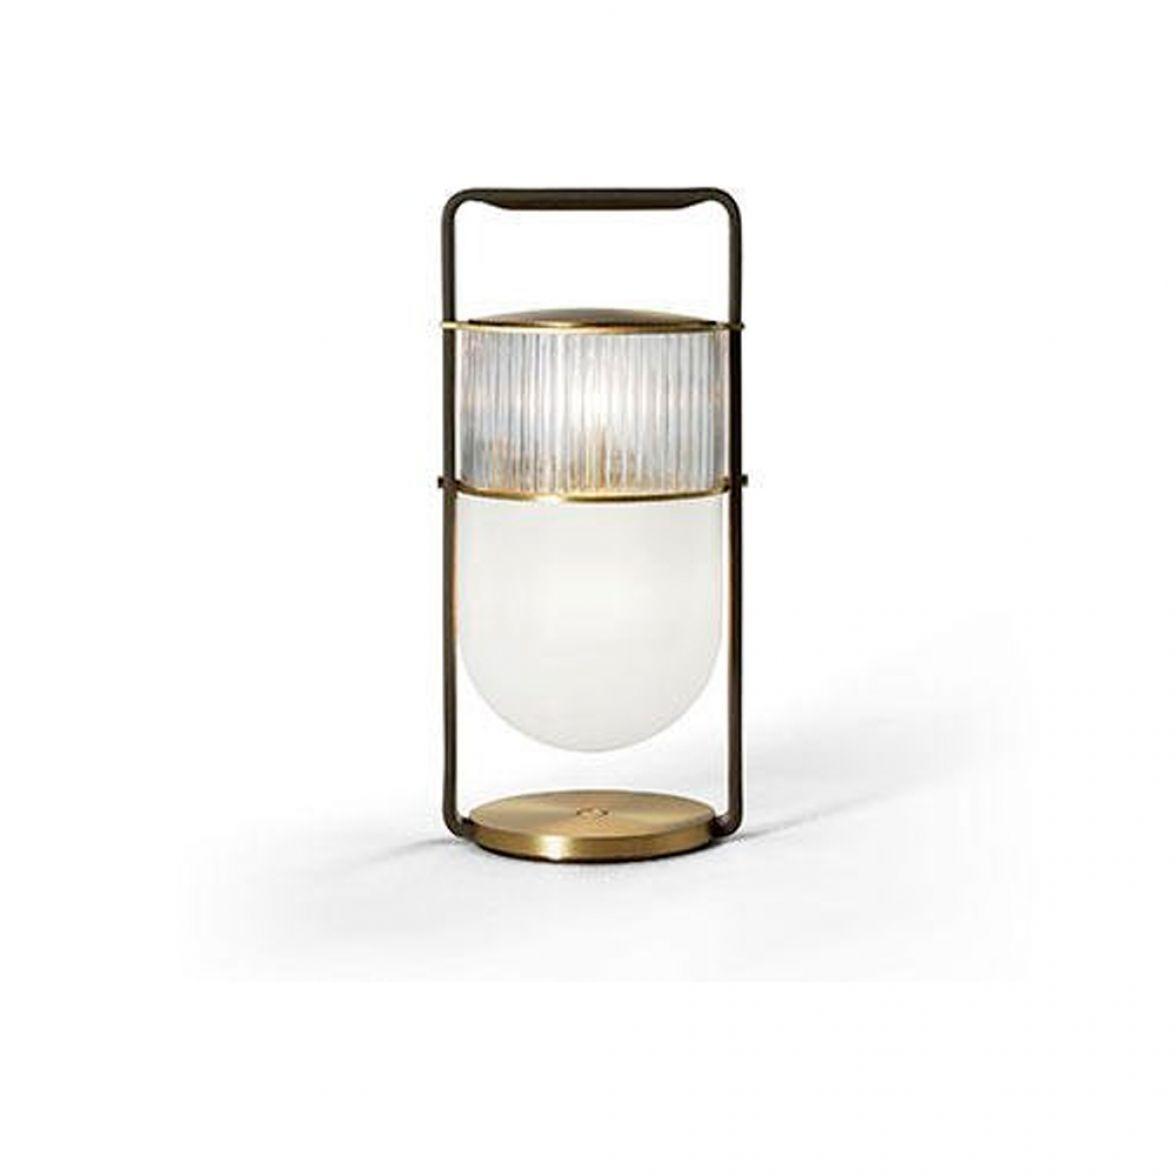 XI table lamp